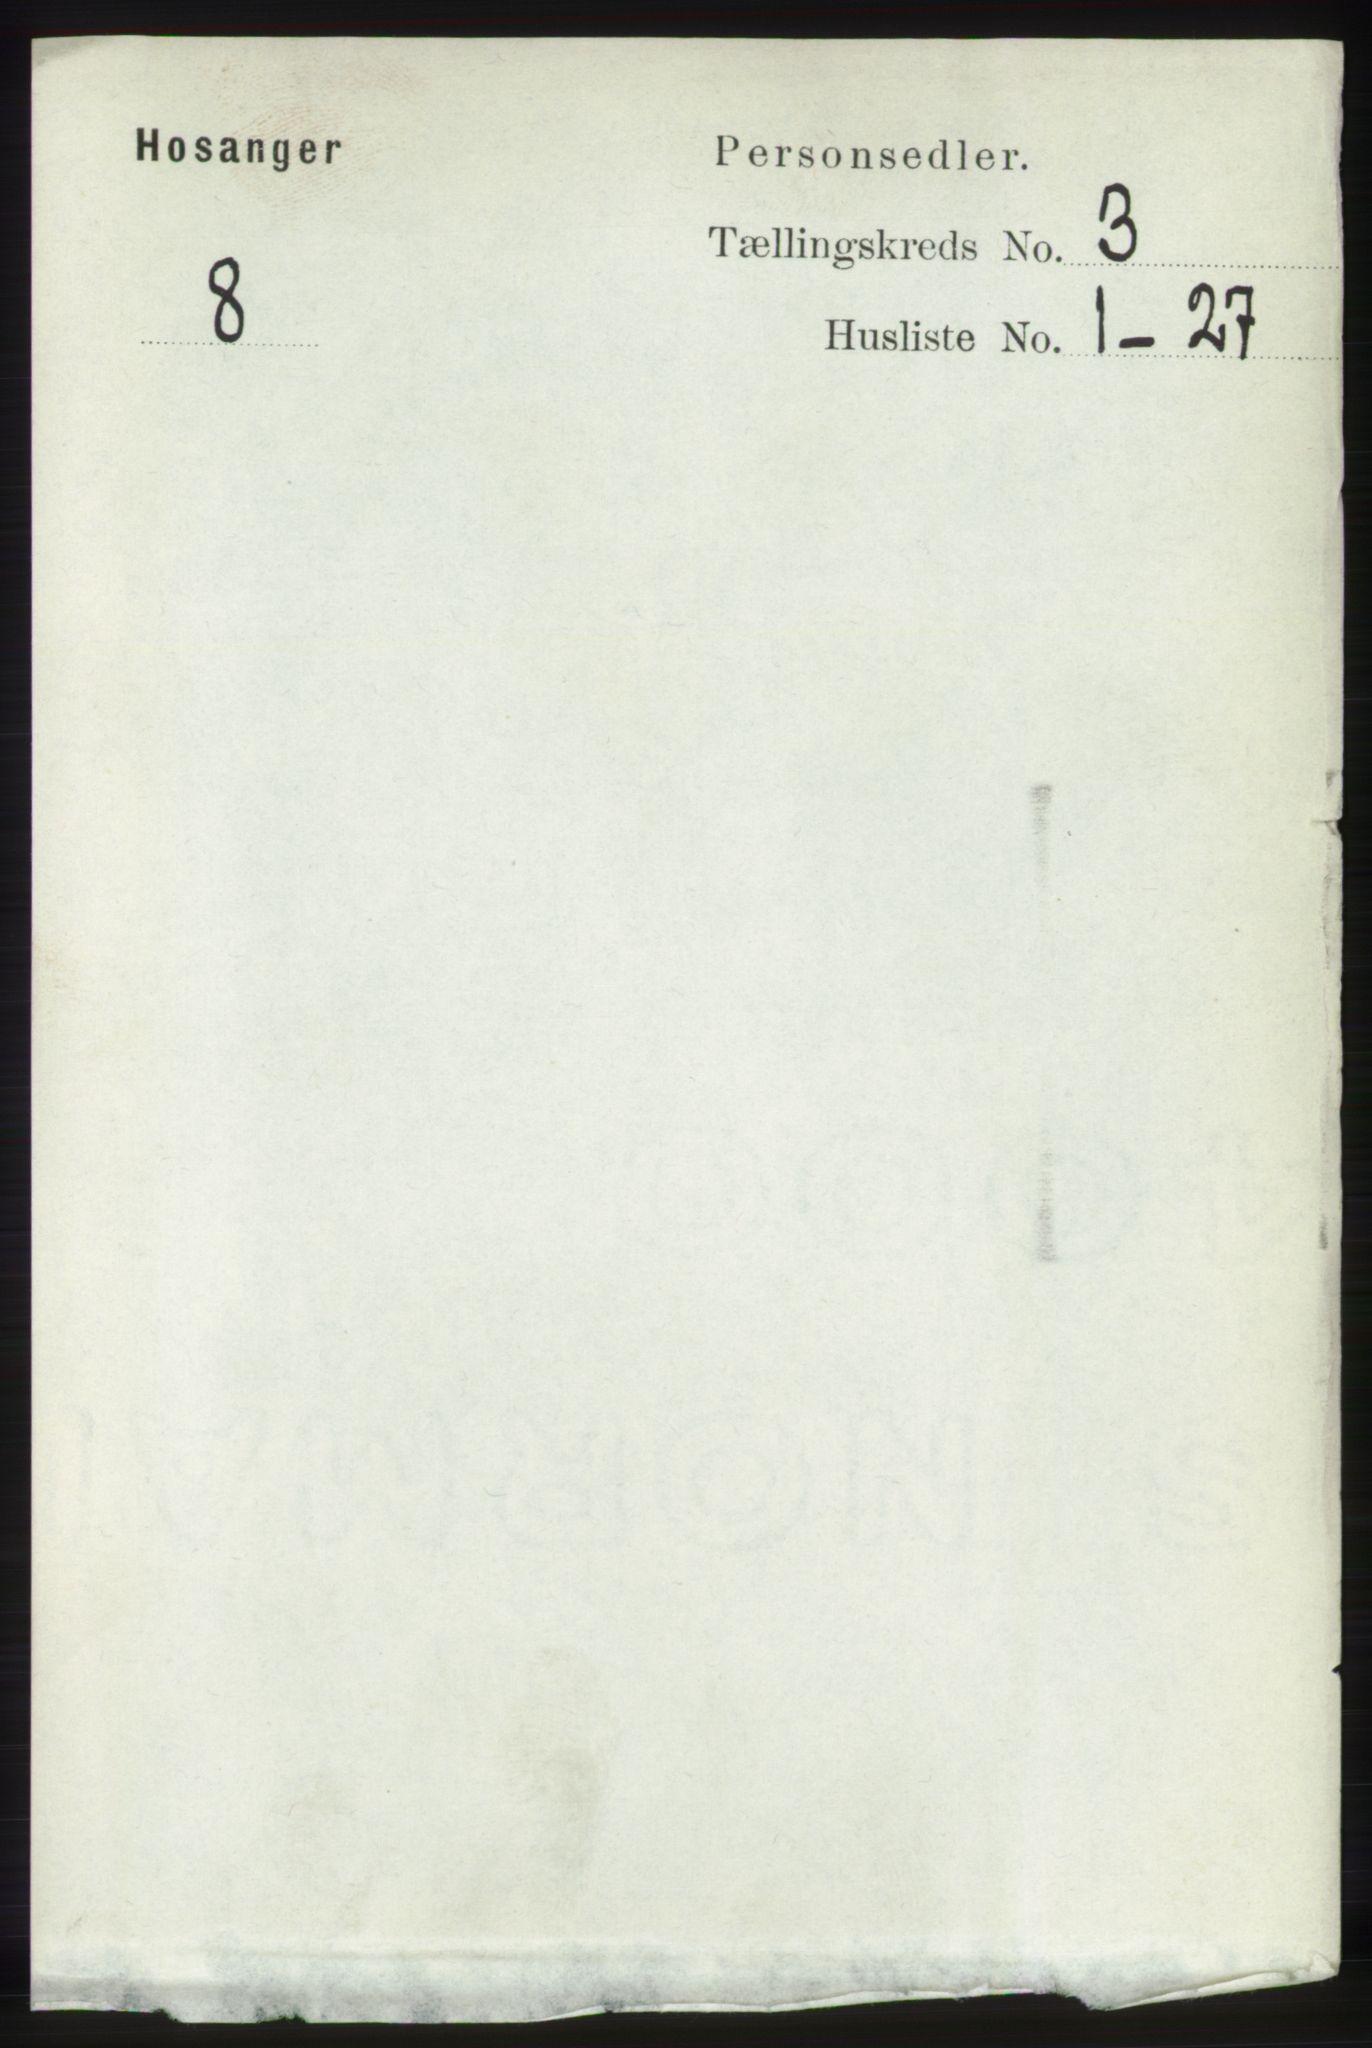 RA, Folketelling 1891 for 1253 Hosanger herred, 1891, s. 1017